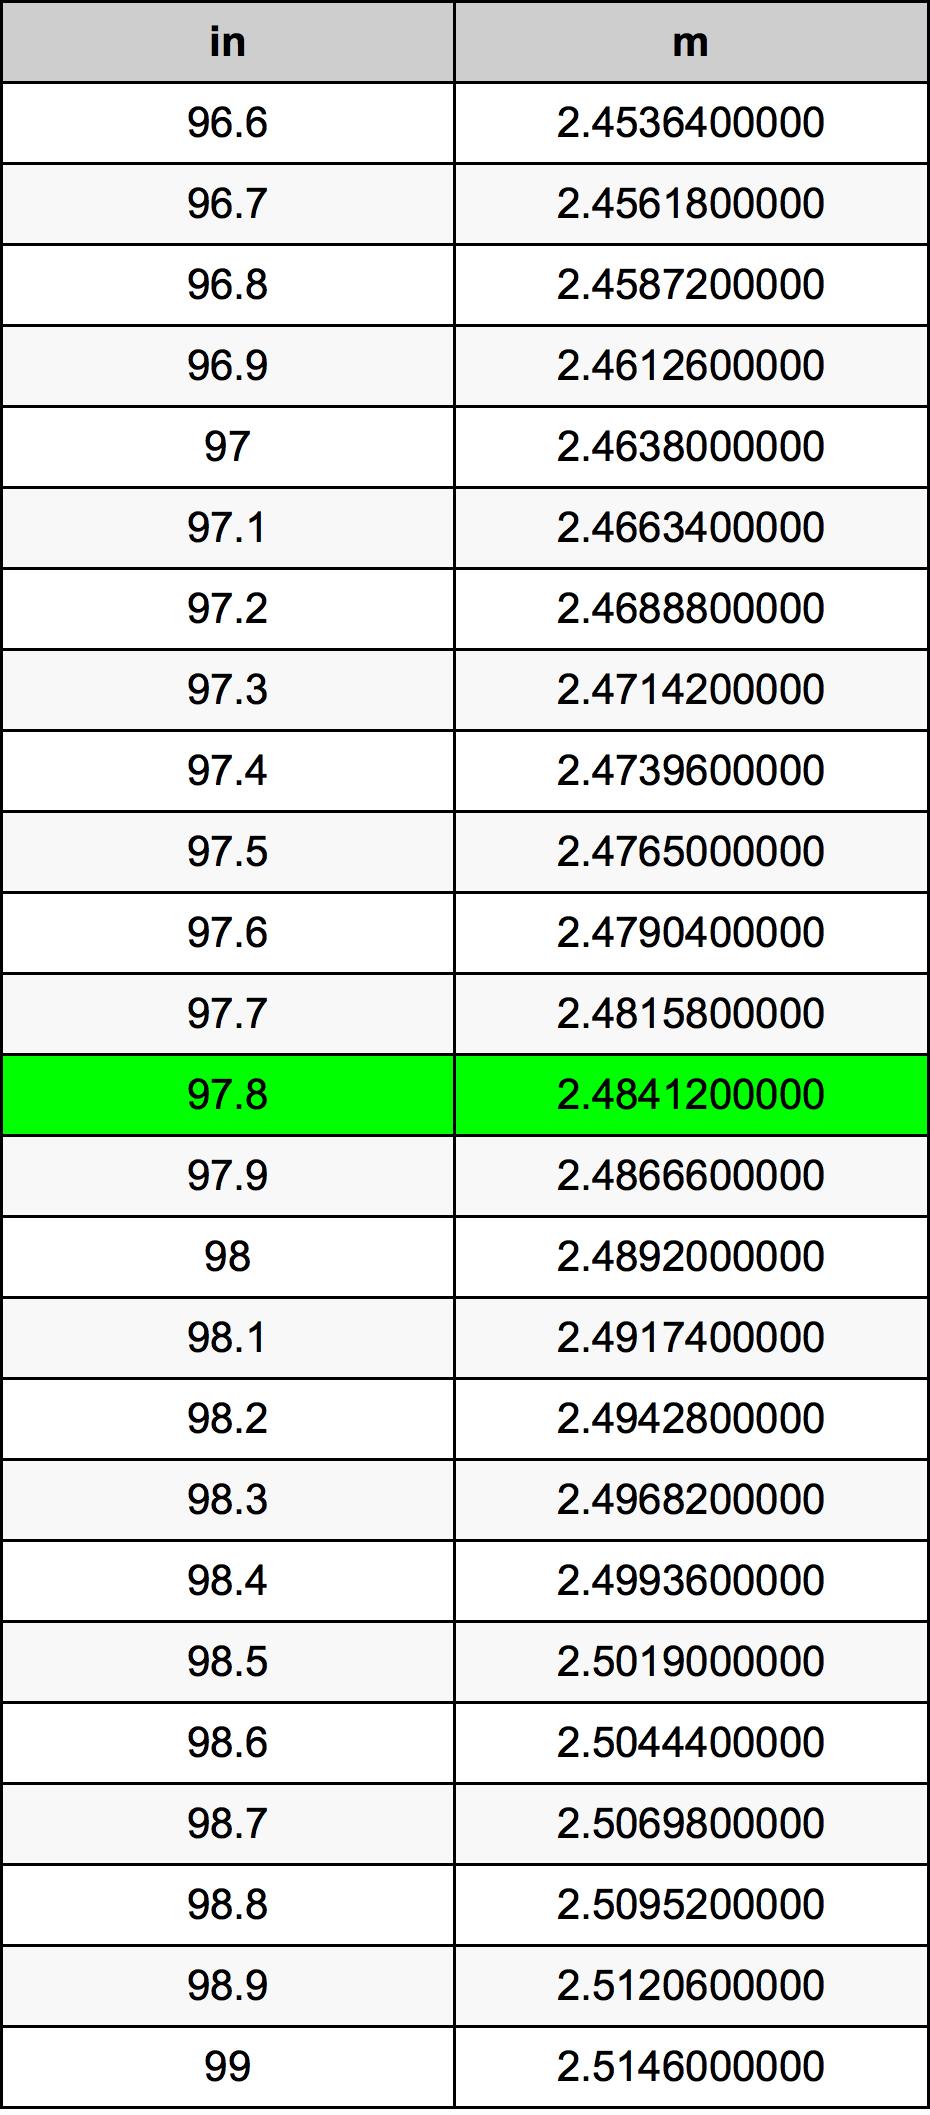 97.8 Tomme konverteringstabellen